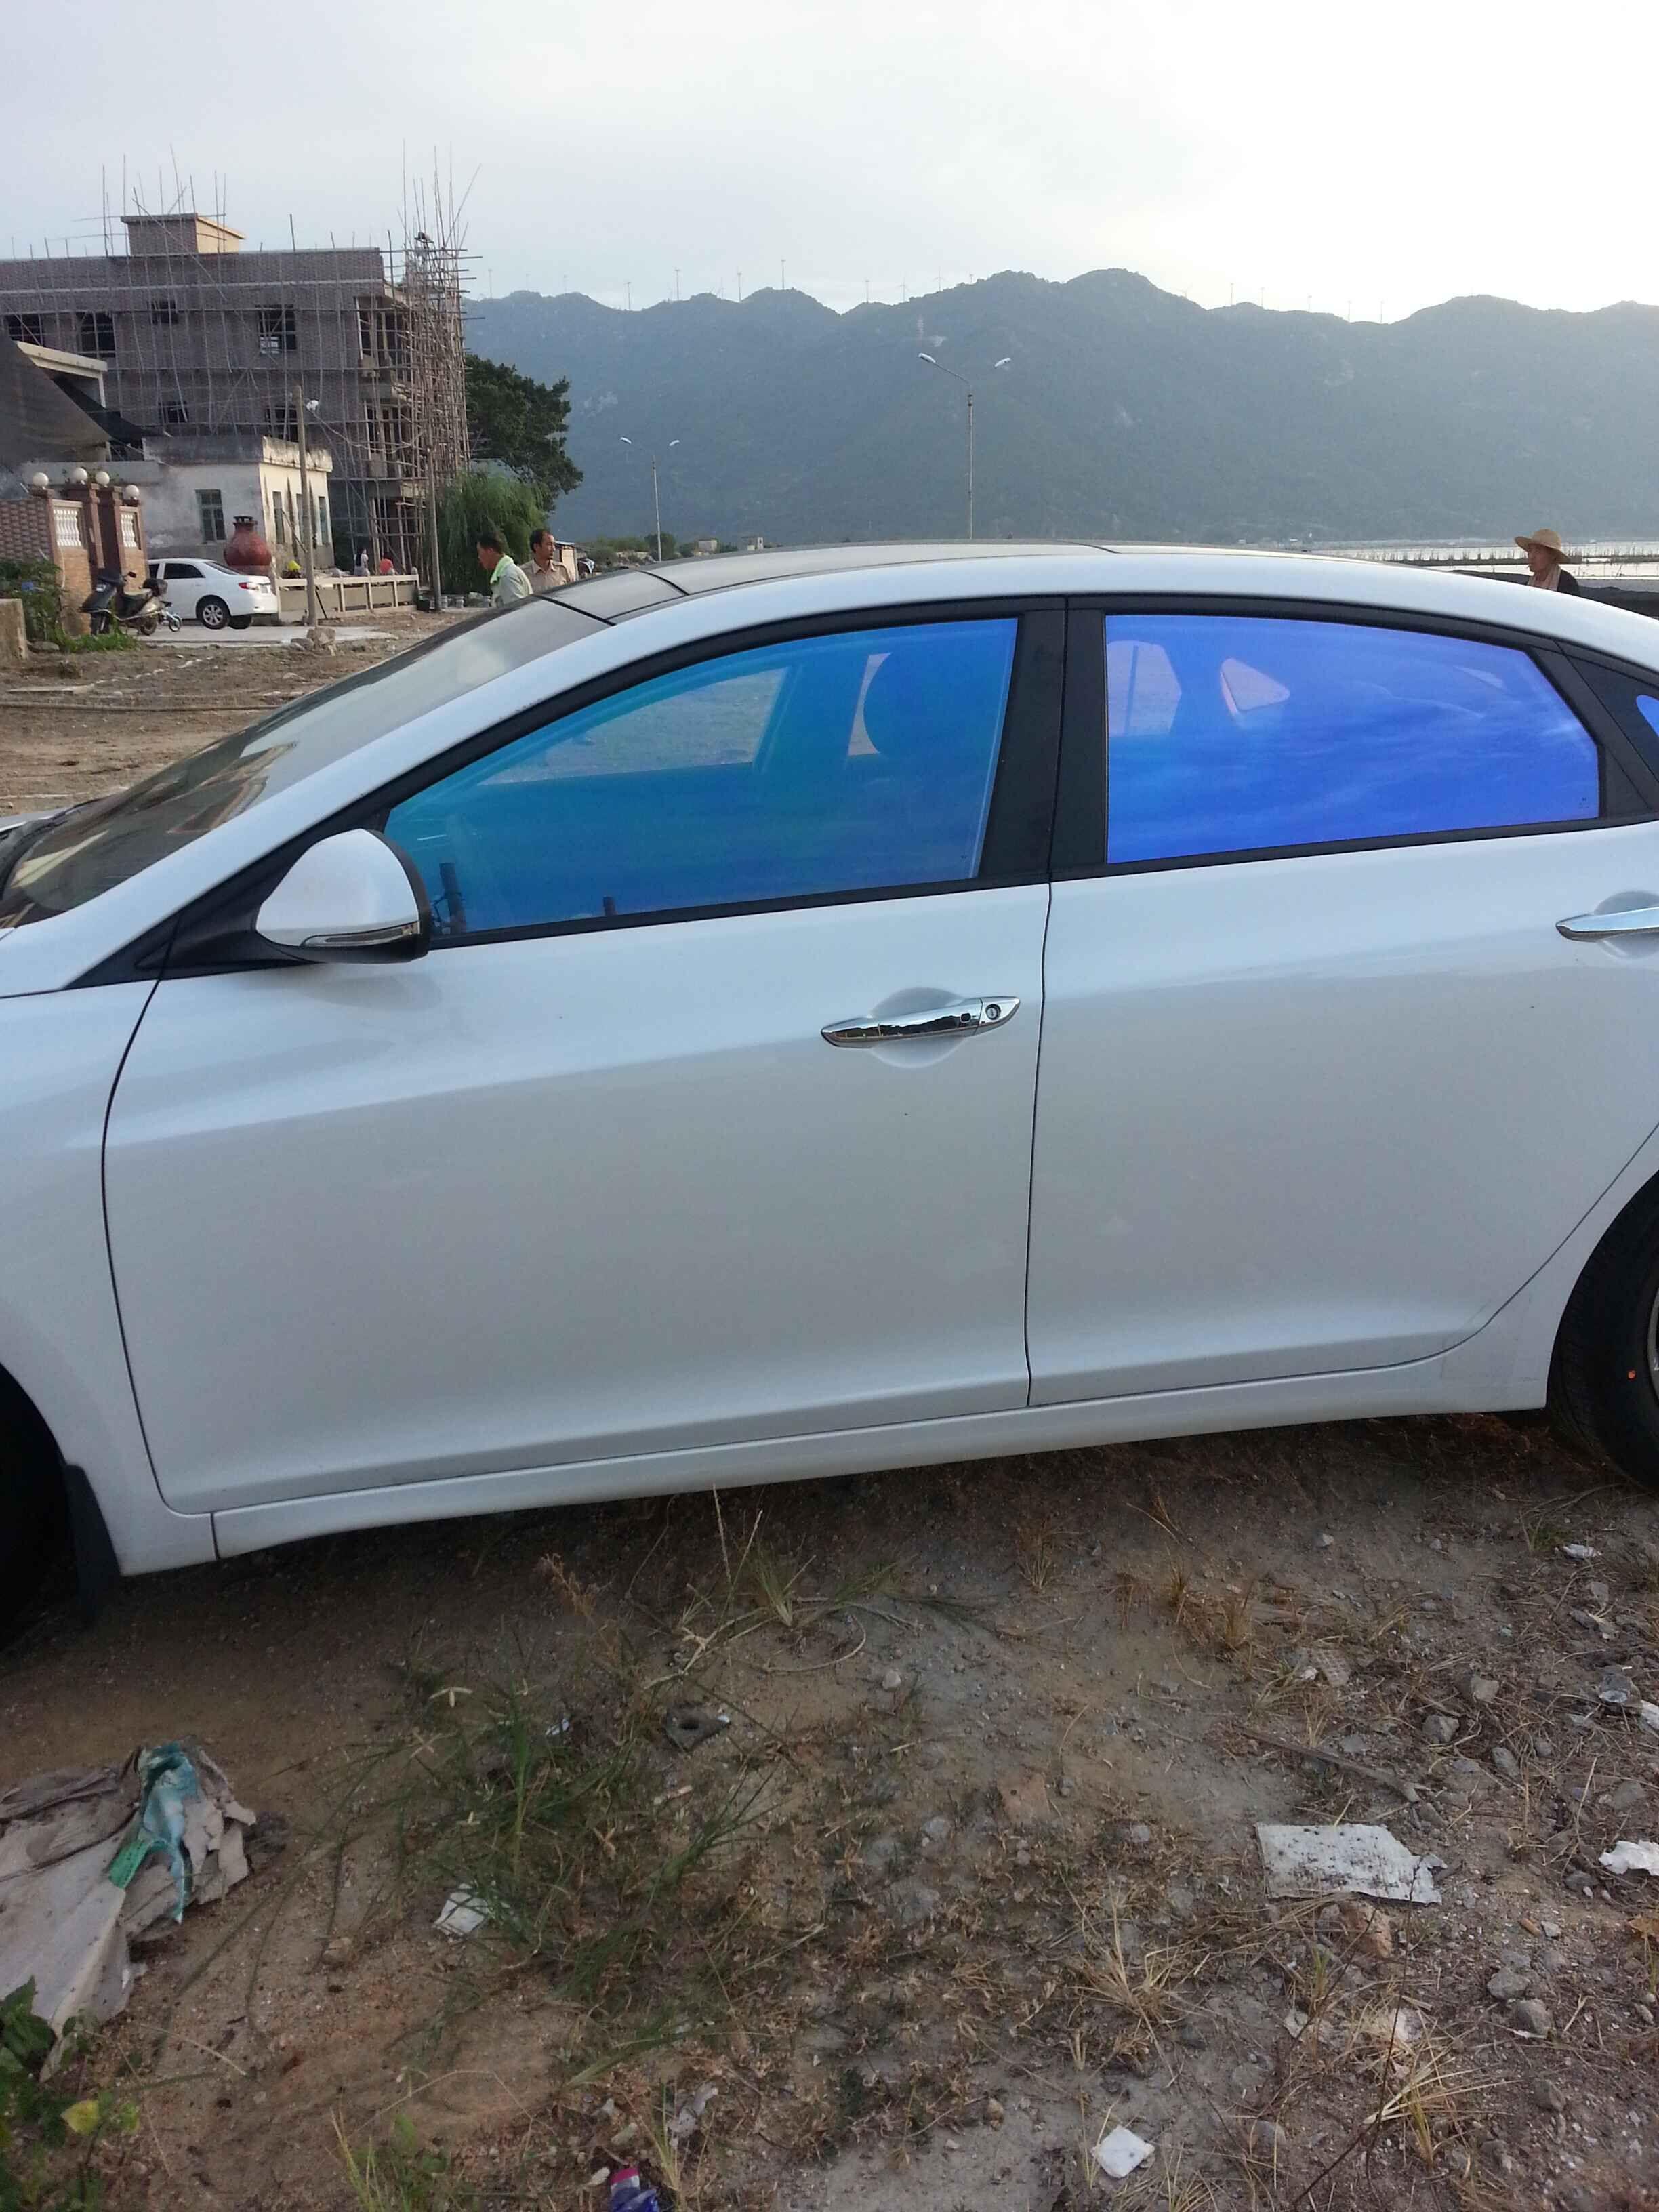 Premium Otomobil Cam chameleon Güneş cam filmi araba camları renklendirme tonu mor 1.52x30 m / Rulo 4.98x98ft